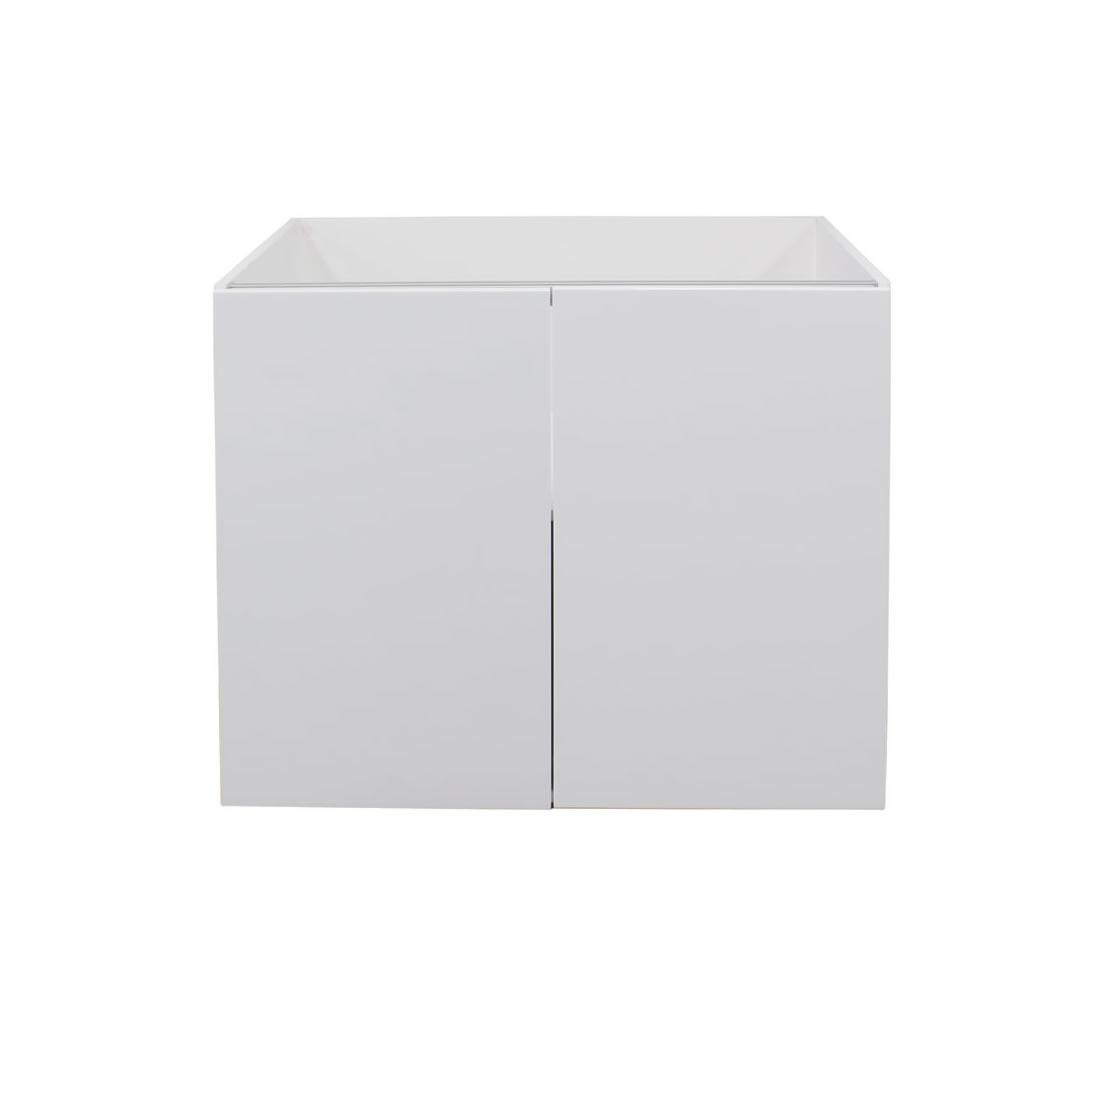 Base Cabinet – Double Door 600